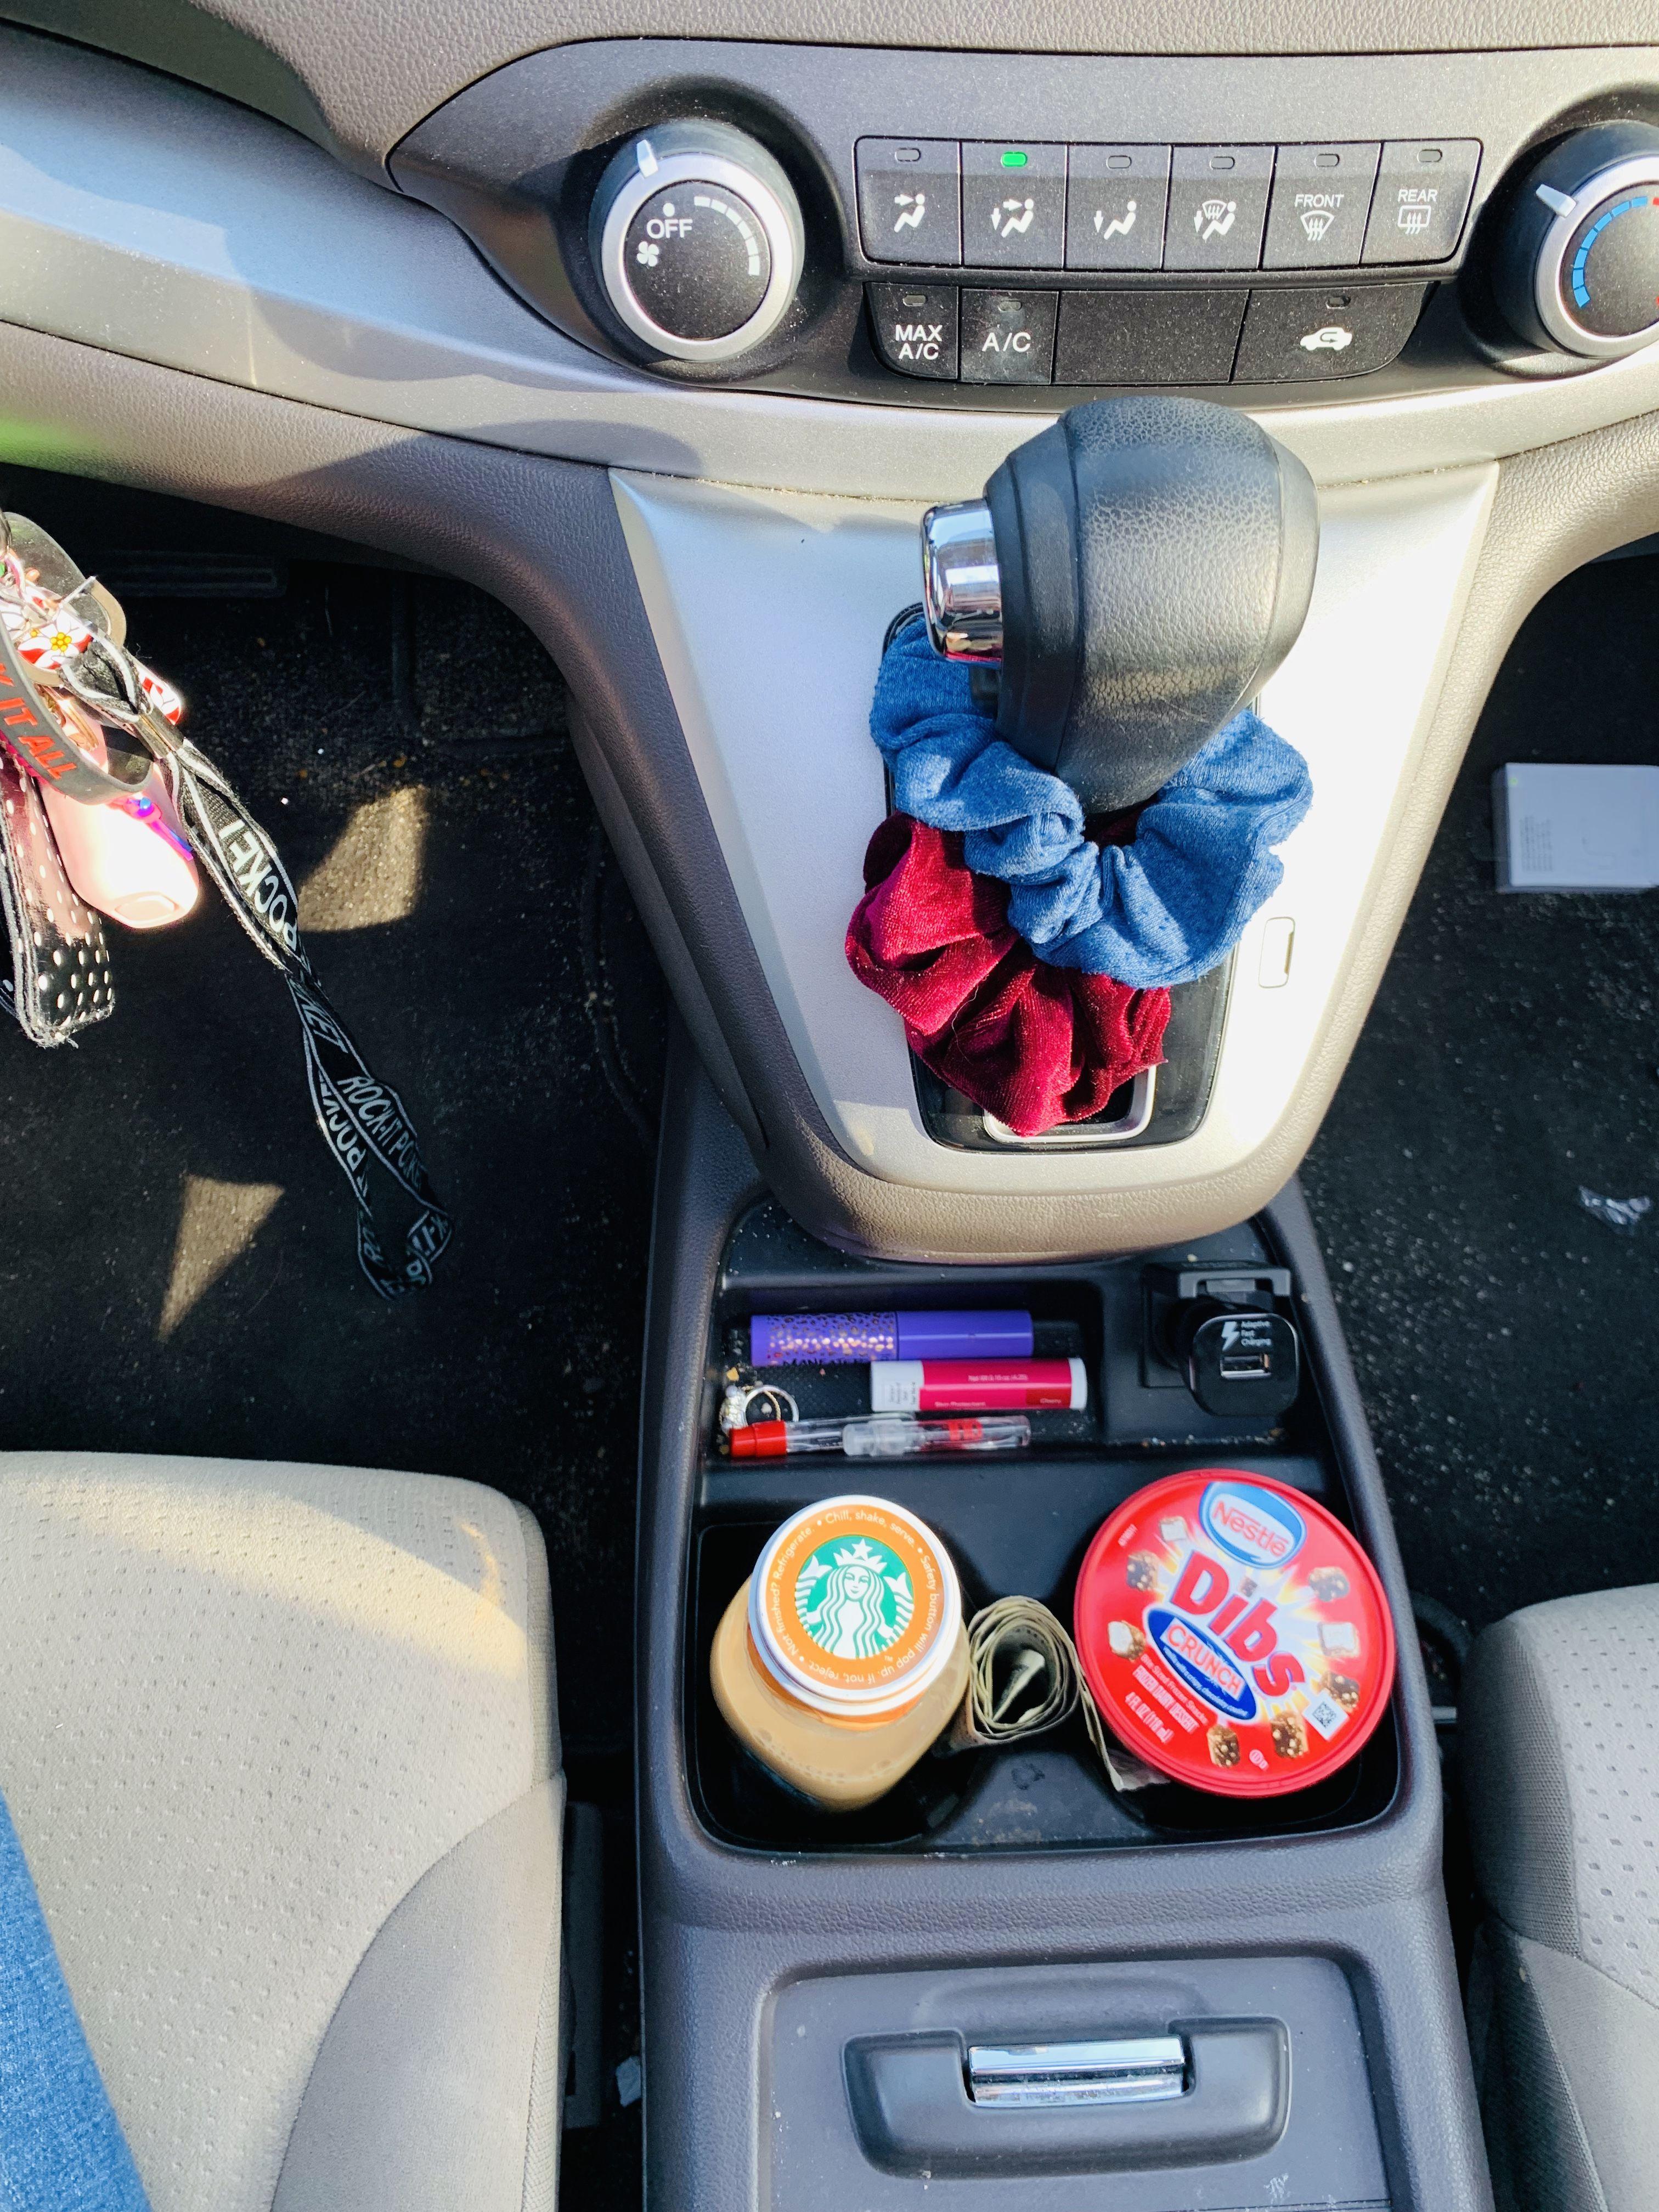 Pin By Teannaaerial On Car Decor Cute Accessories